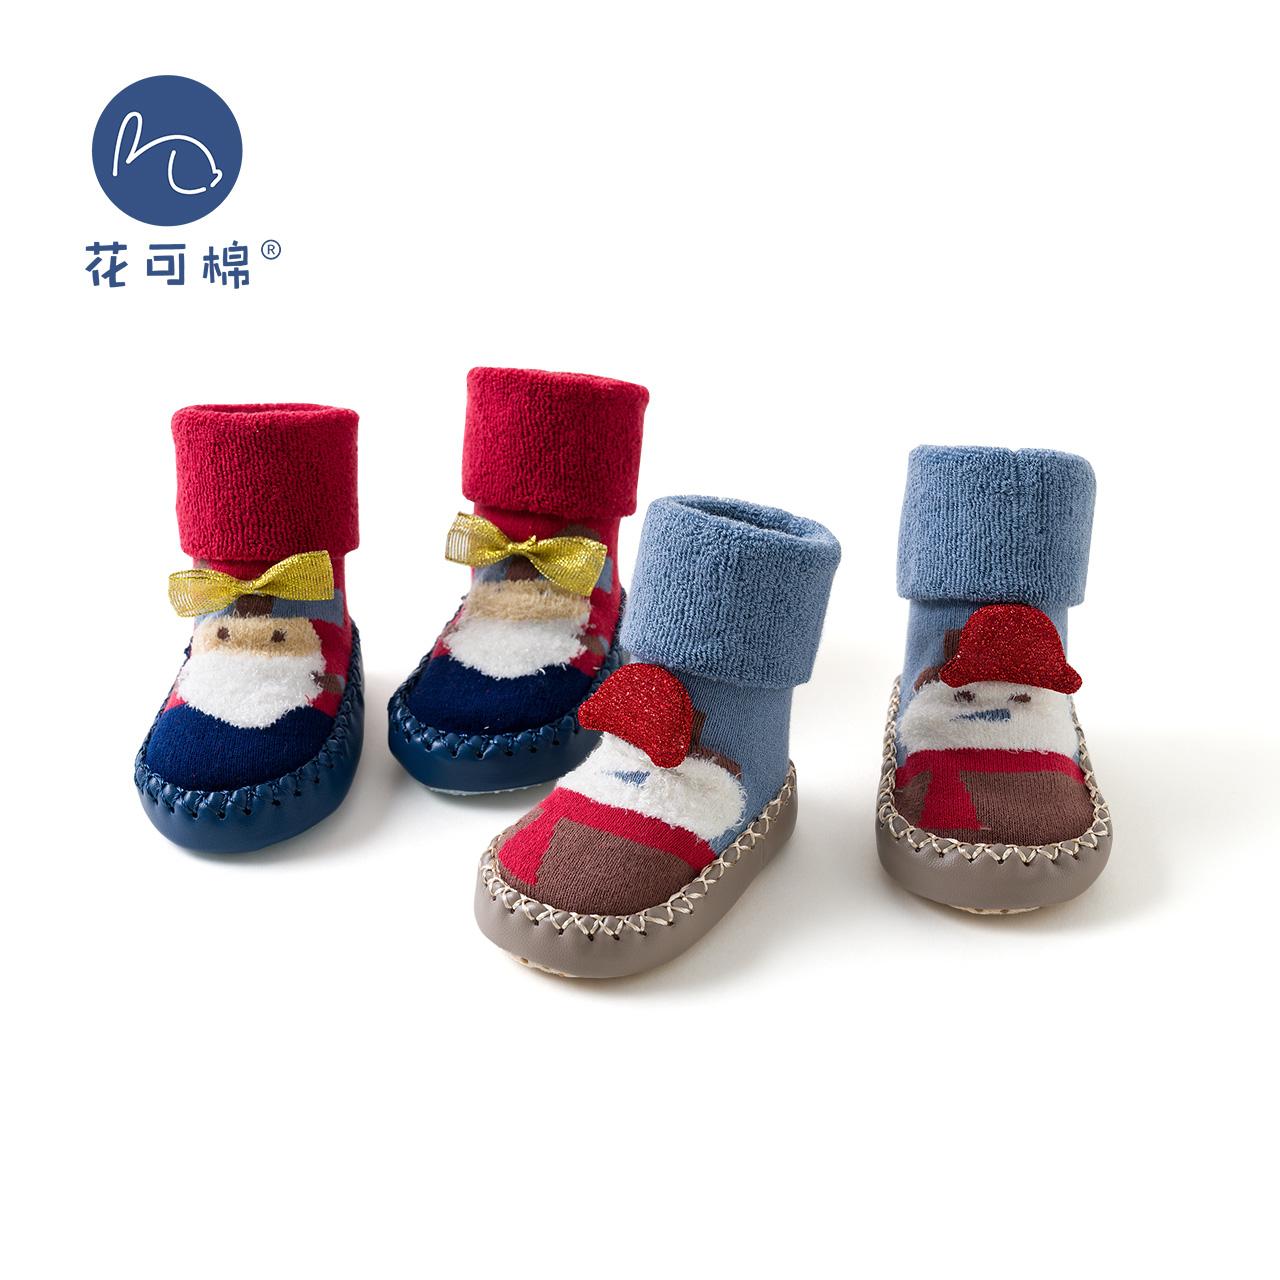 花可棉宝宝鞋袜软底学步外穿秋冬加厚加绒婴儿袜鞋圣诞防滑地板袜